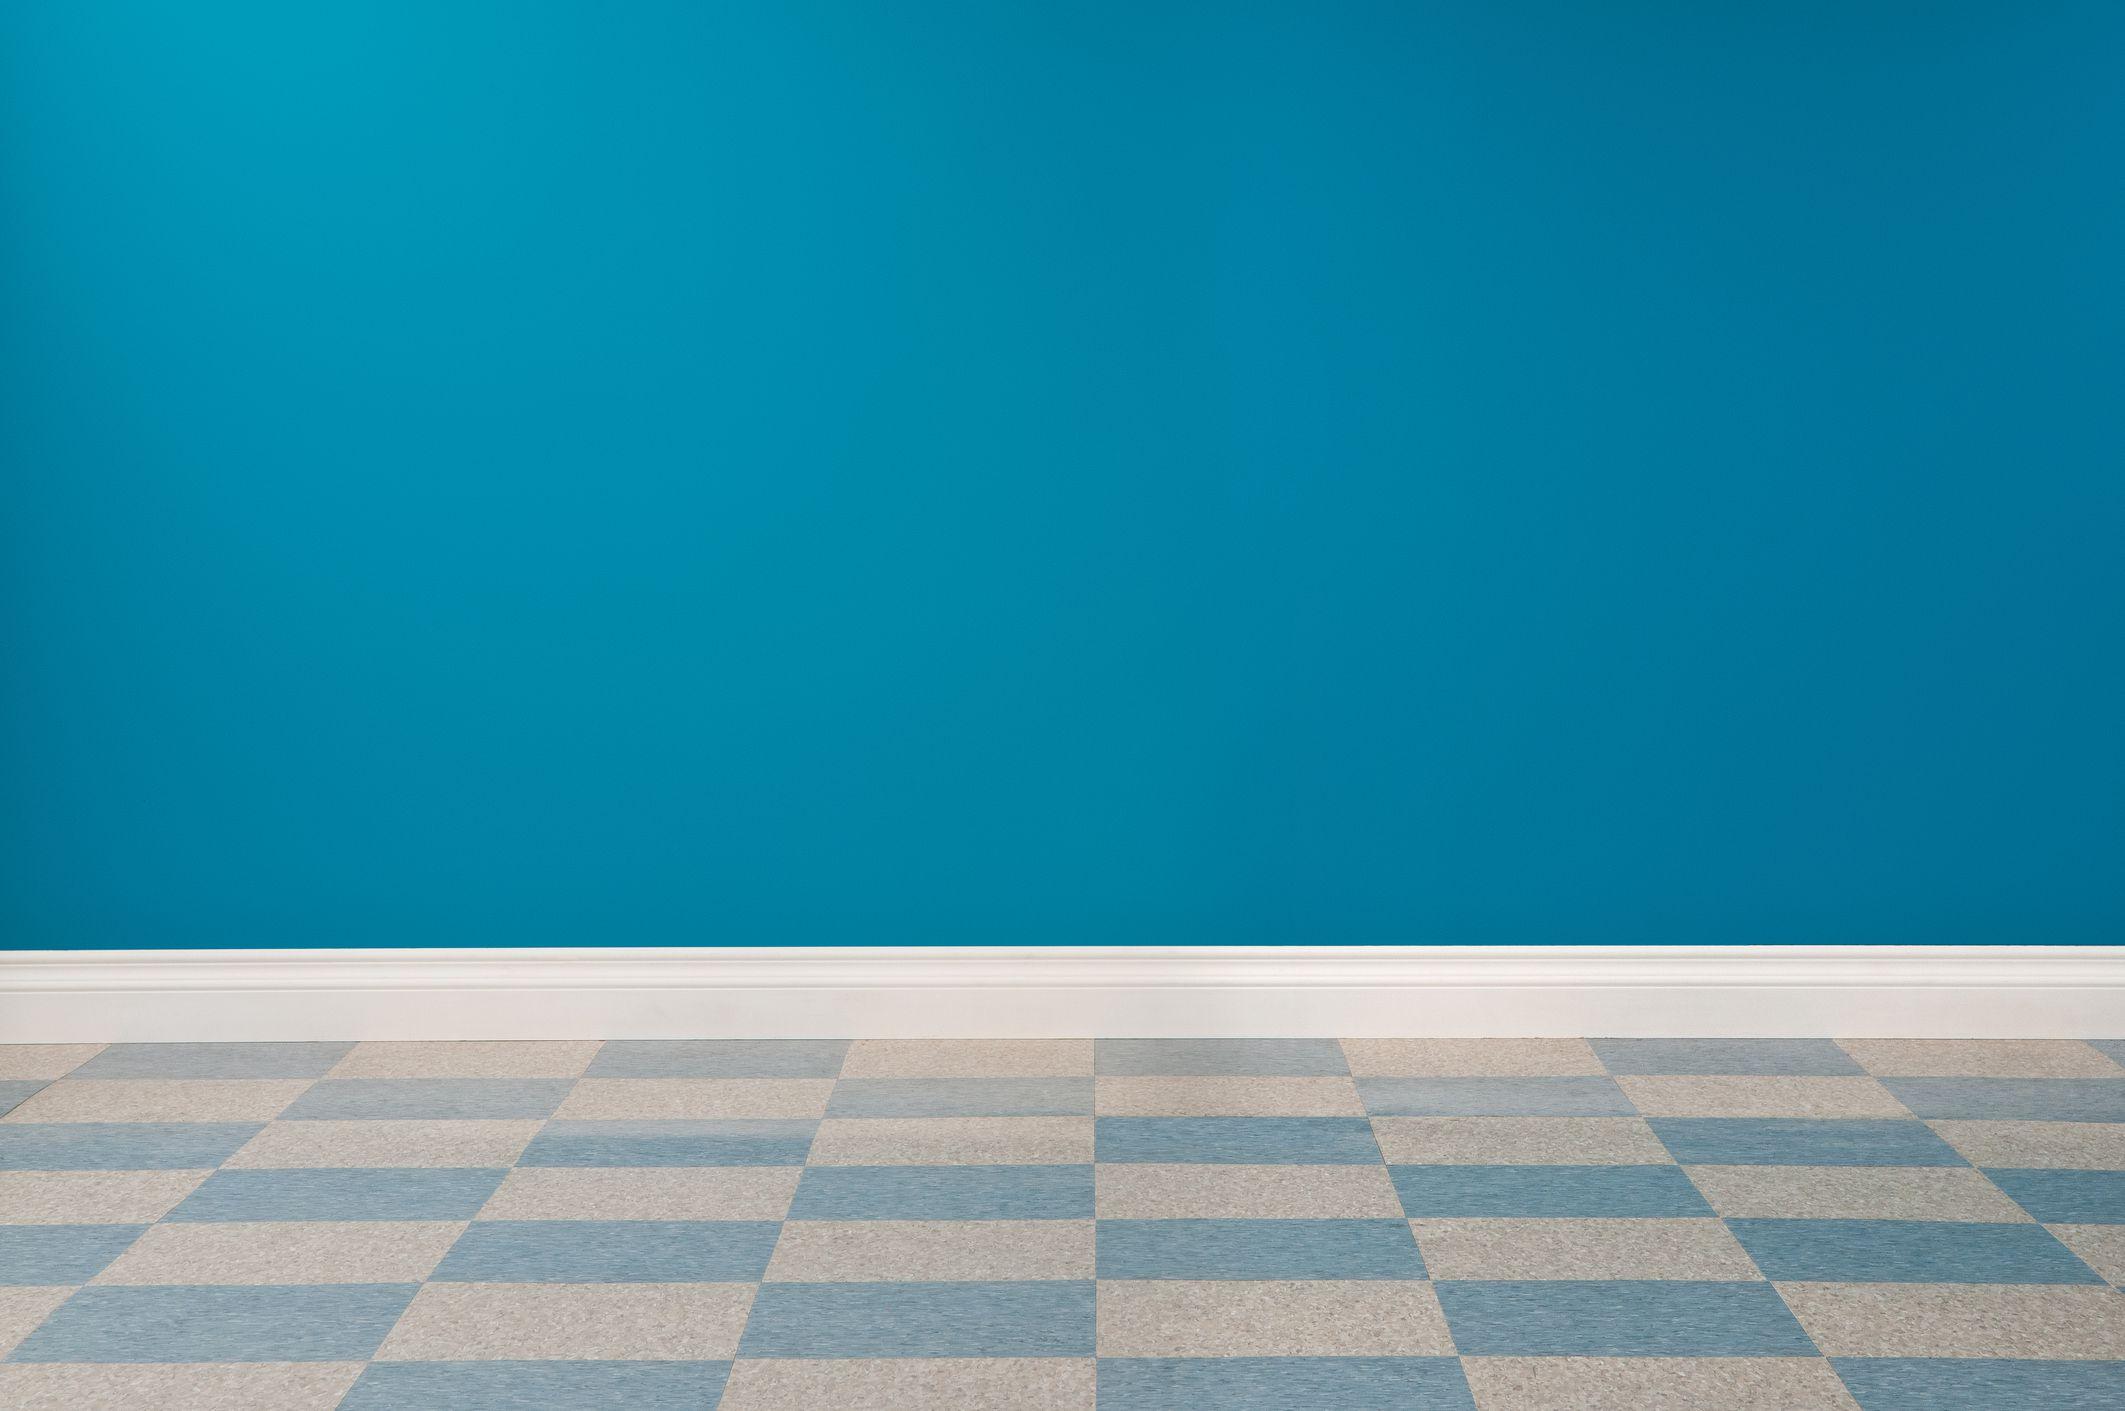 A Look at Natural Linoleum Flooring Options